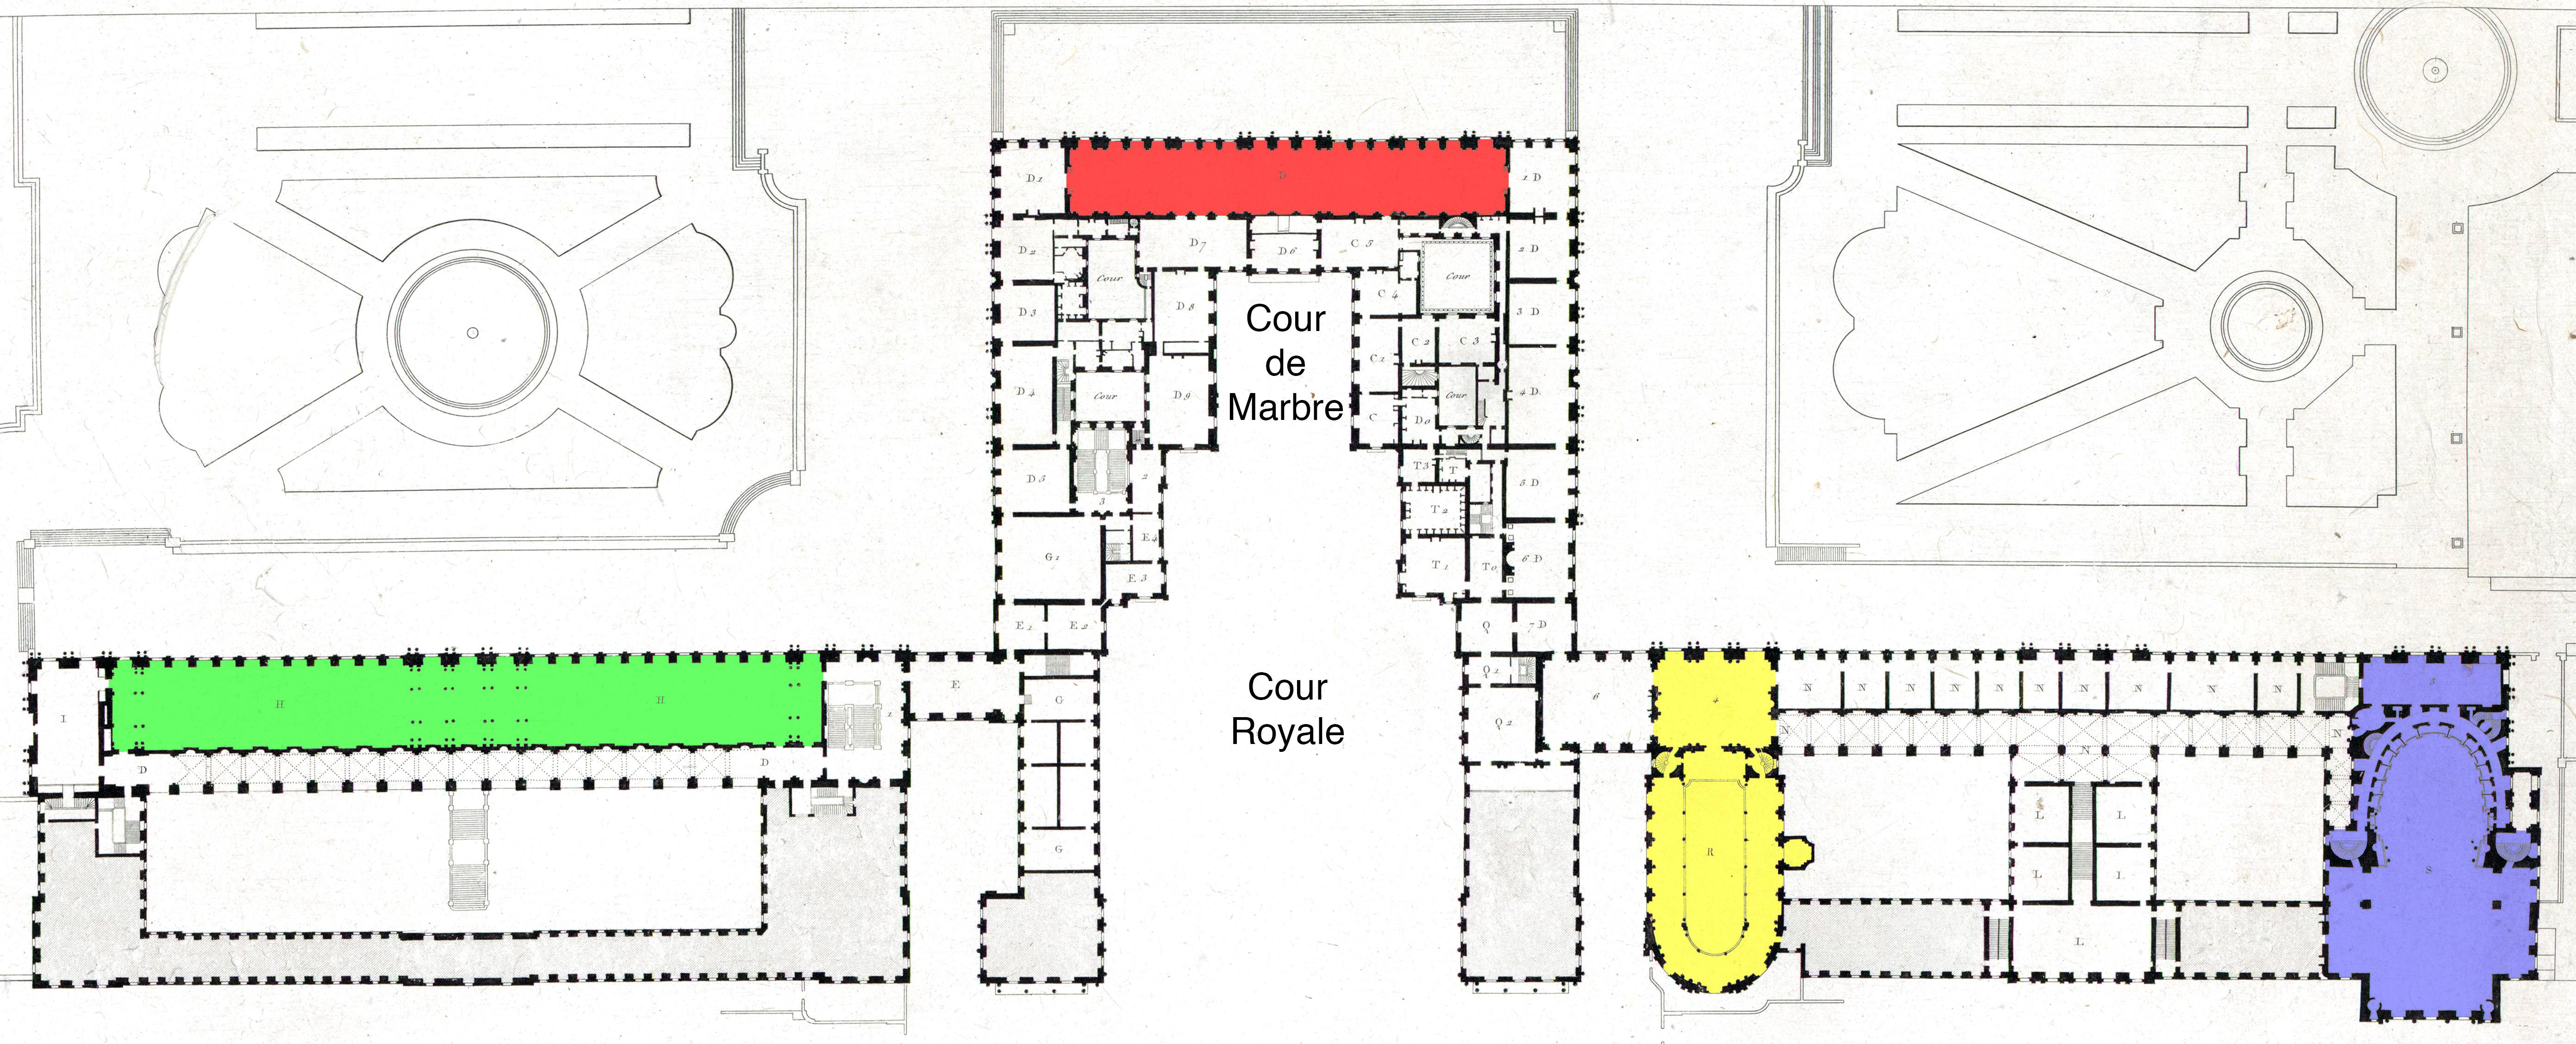 file plans du rez de chauss e et du premier tage du. Black Bedroom Furniture Sets. Home Design Ideas